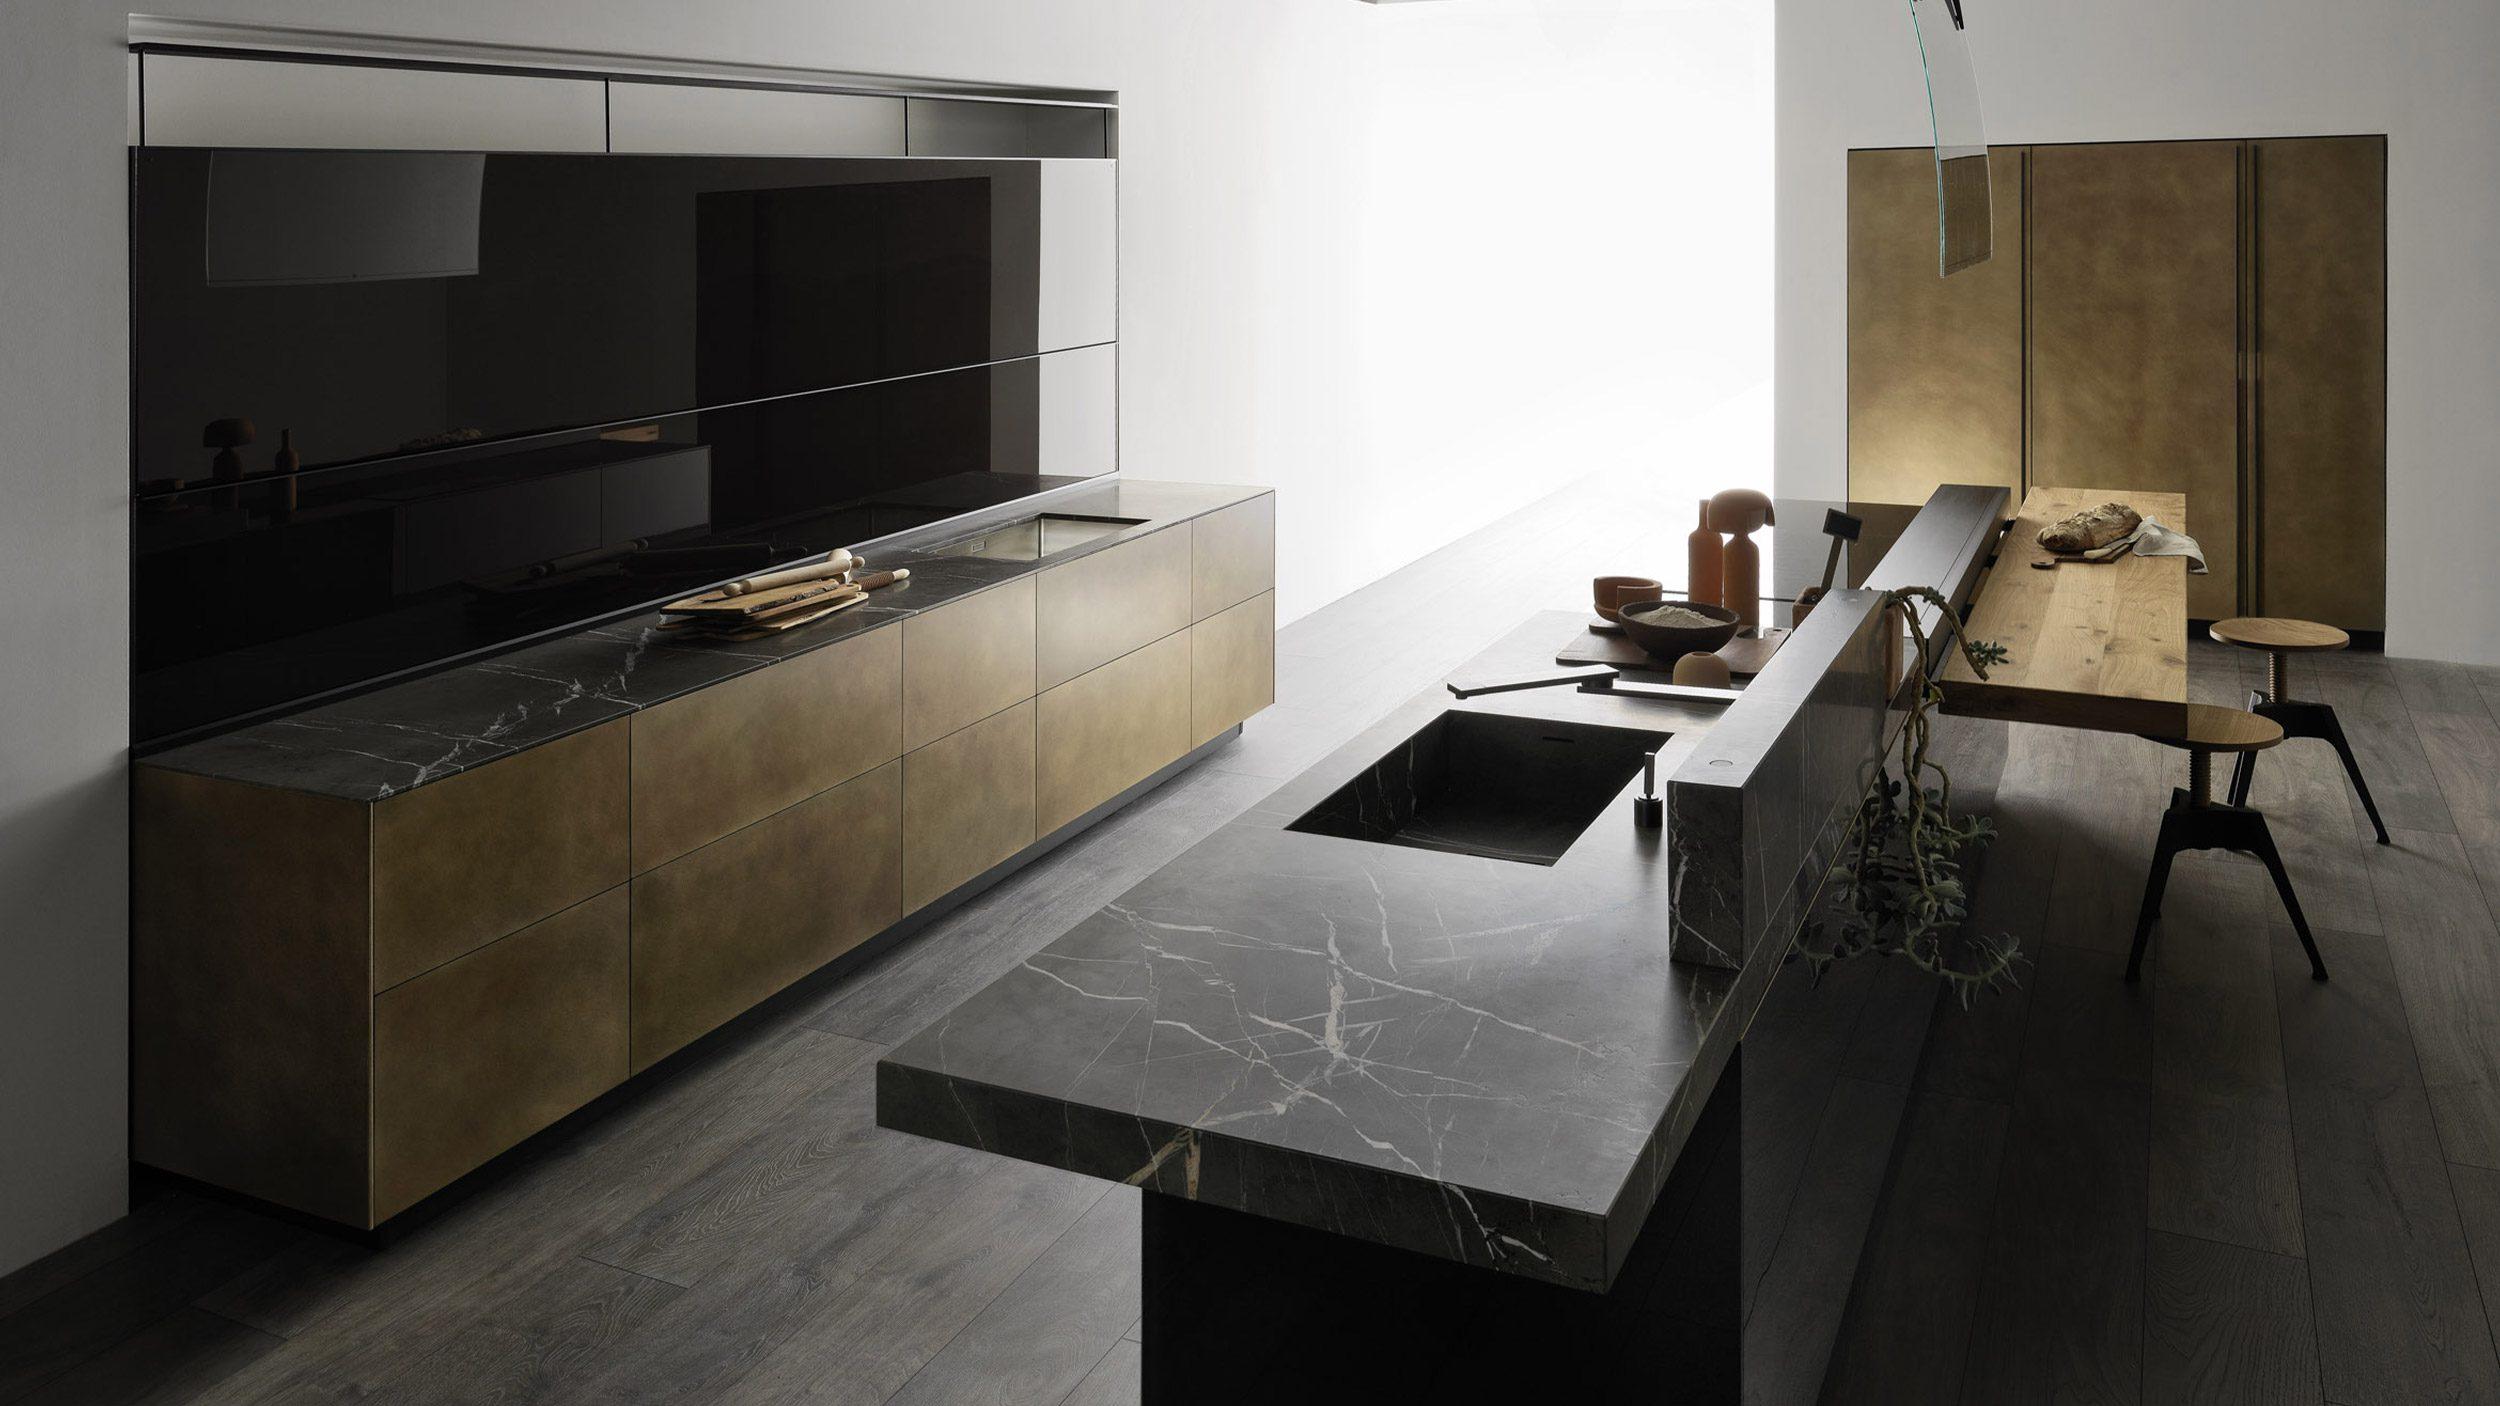 Küche Artematica von Valcucine mit geschlossener Front